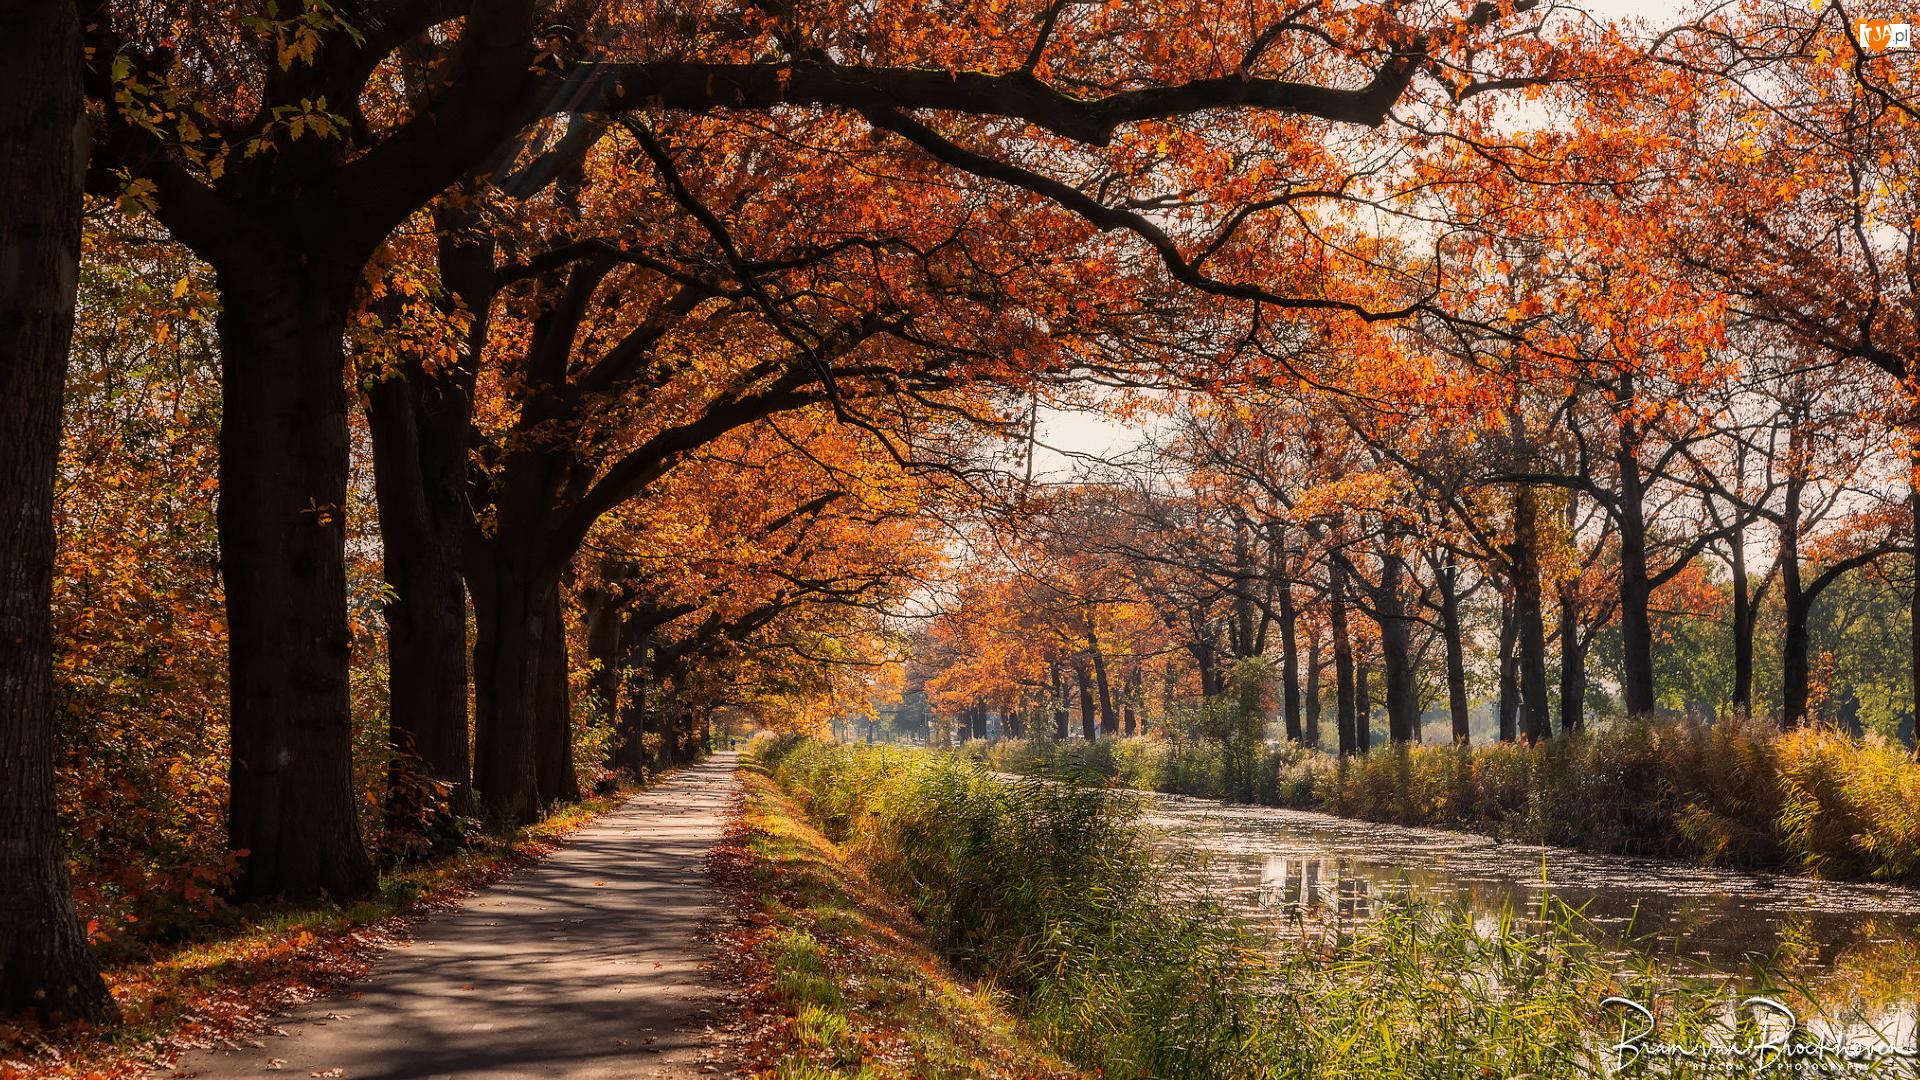 Ścieżka, Kanał, Drzewa, Jesień, Rzeka